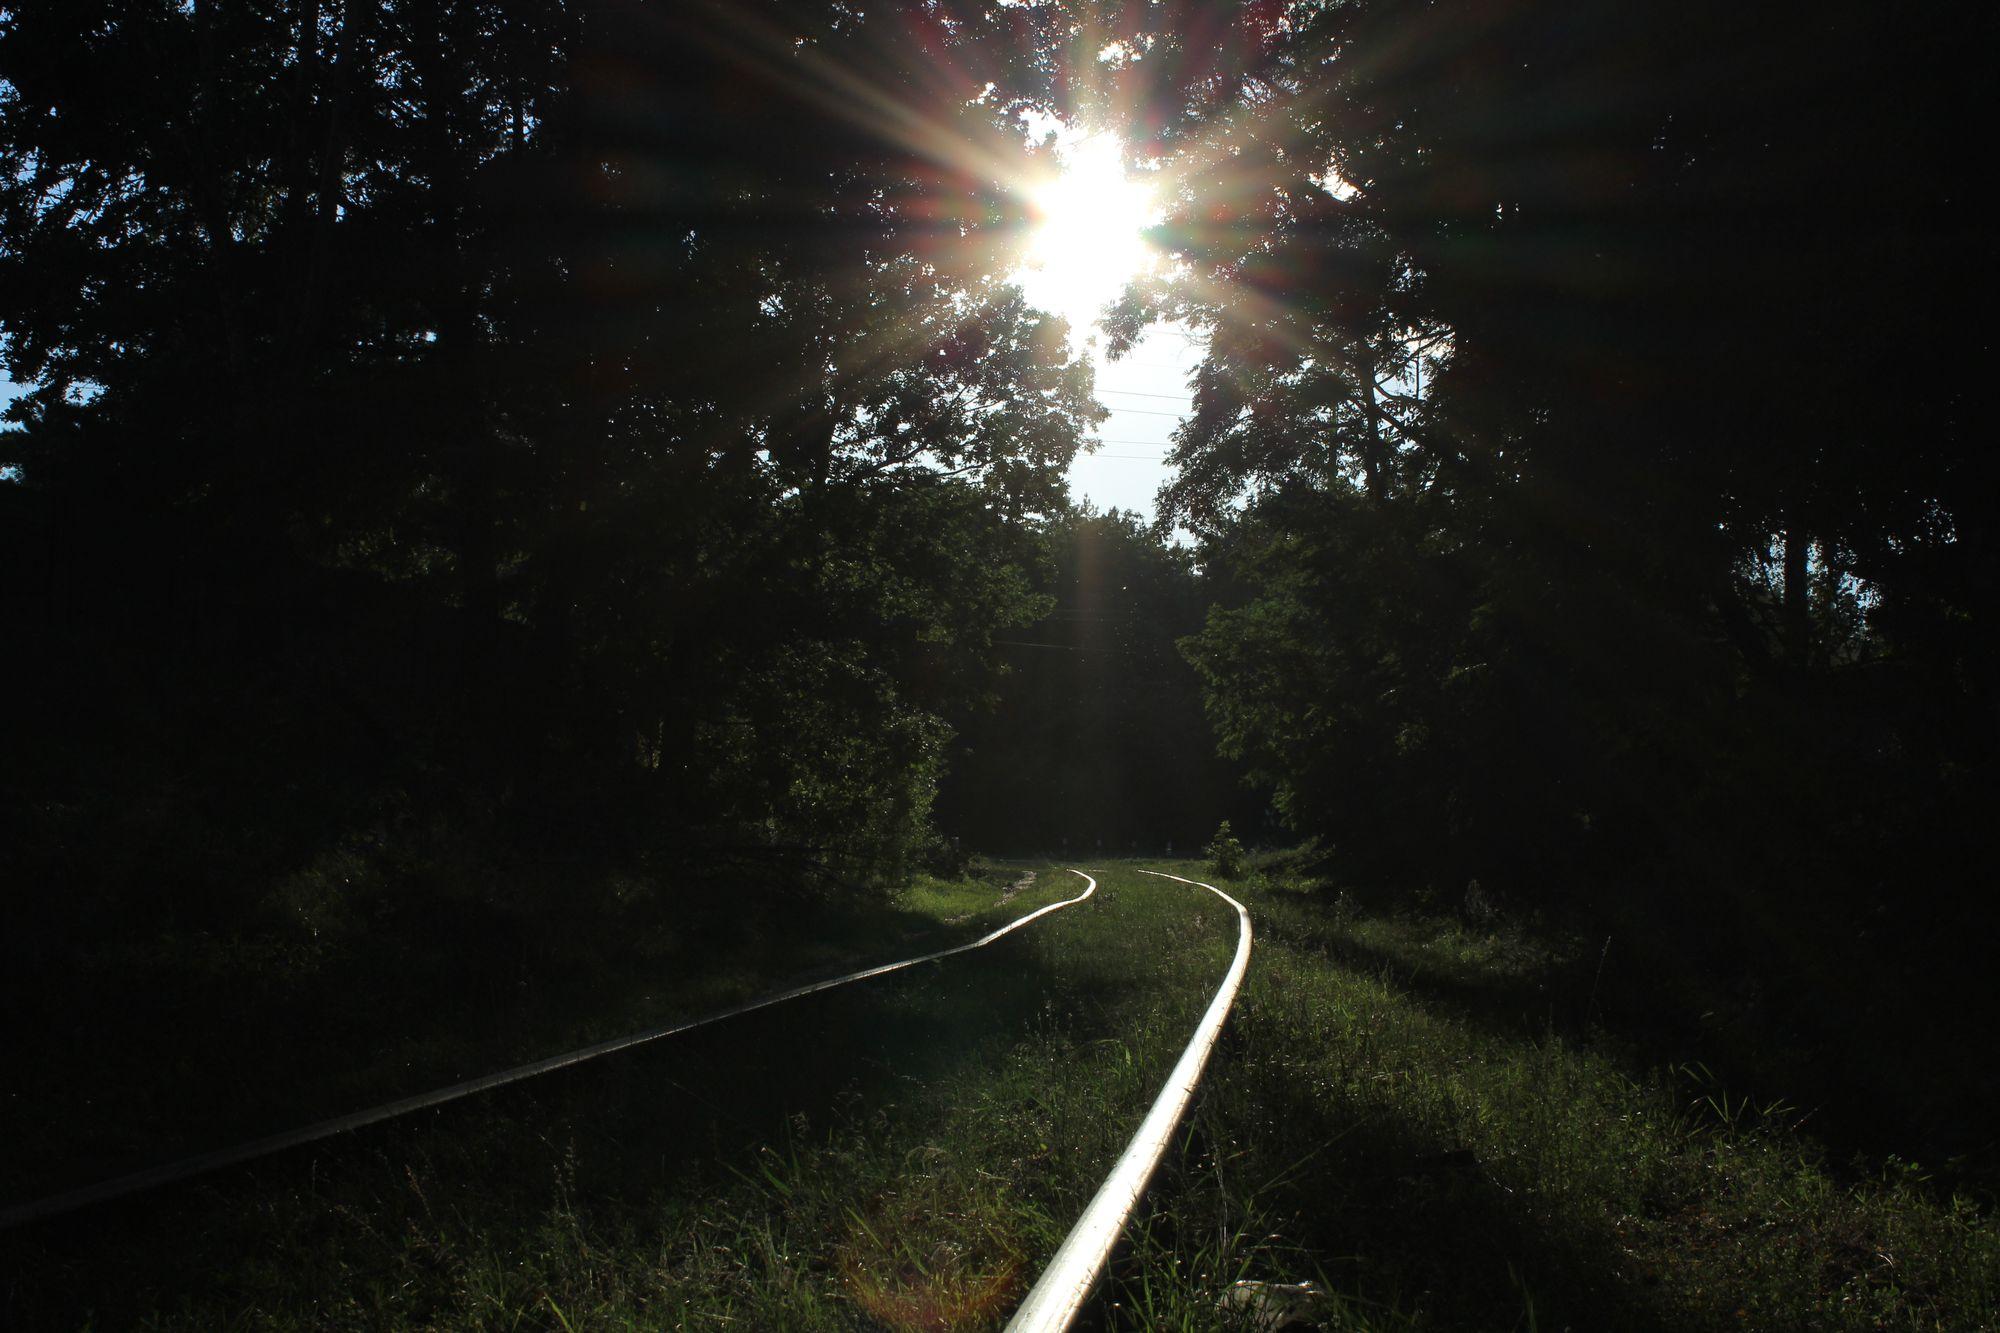 Чернігівський тунель кохання – фотограф-любитель знайшов невідоме романтичне місце (Фото)